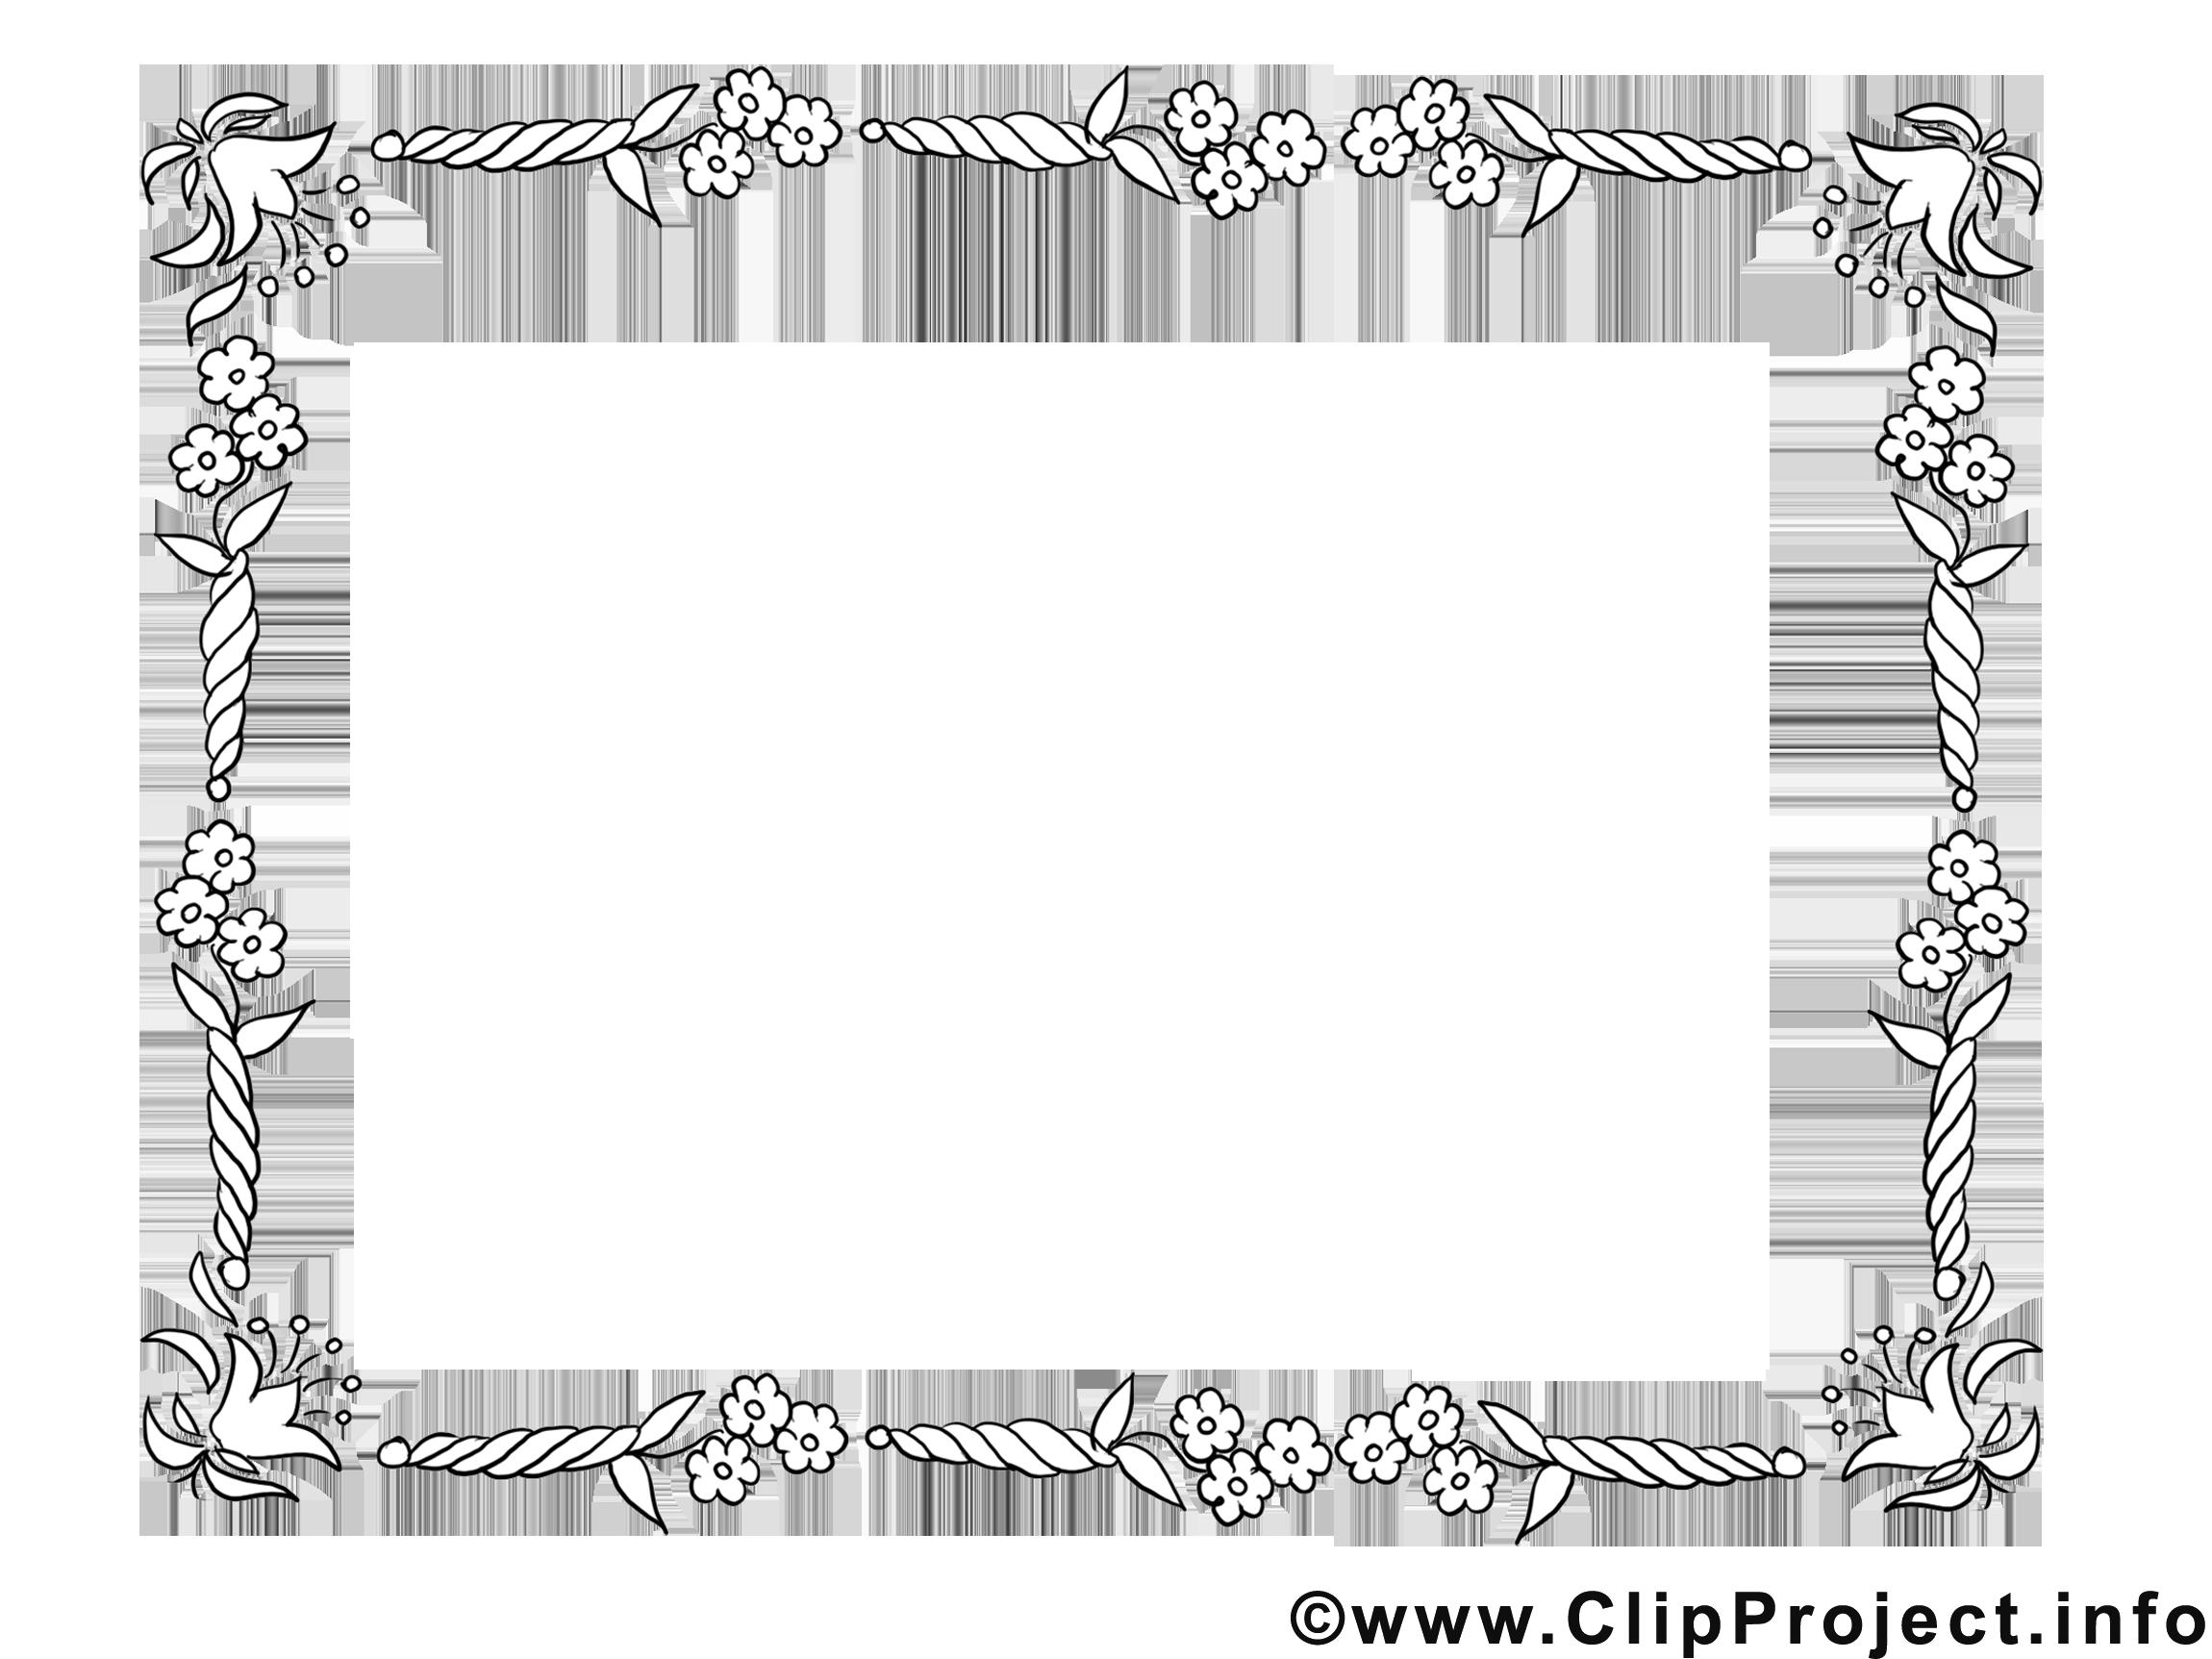 Image gratuite fleurs – Cadre illustration